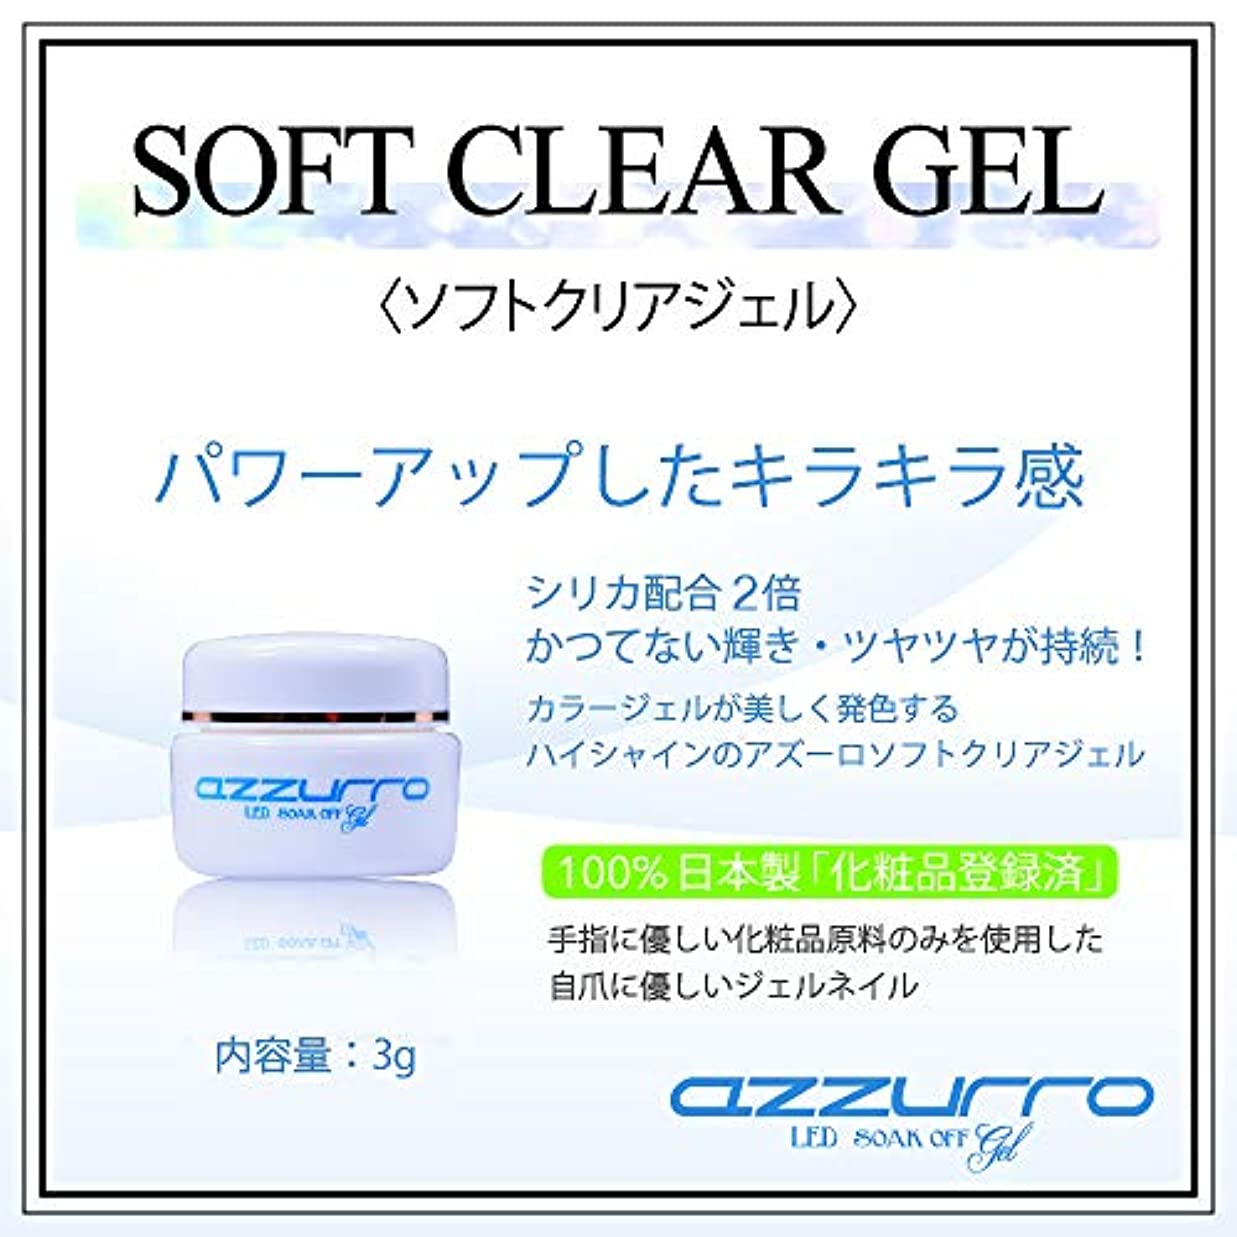 クライストチャーチ一時解雇するプットazzurro gel アッズーロ ソフトクリアージェル ツヤツヤ キラキラ感持続 抜群のツヤ 爪に優しい日本製 3g